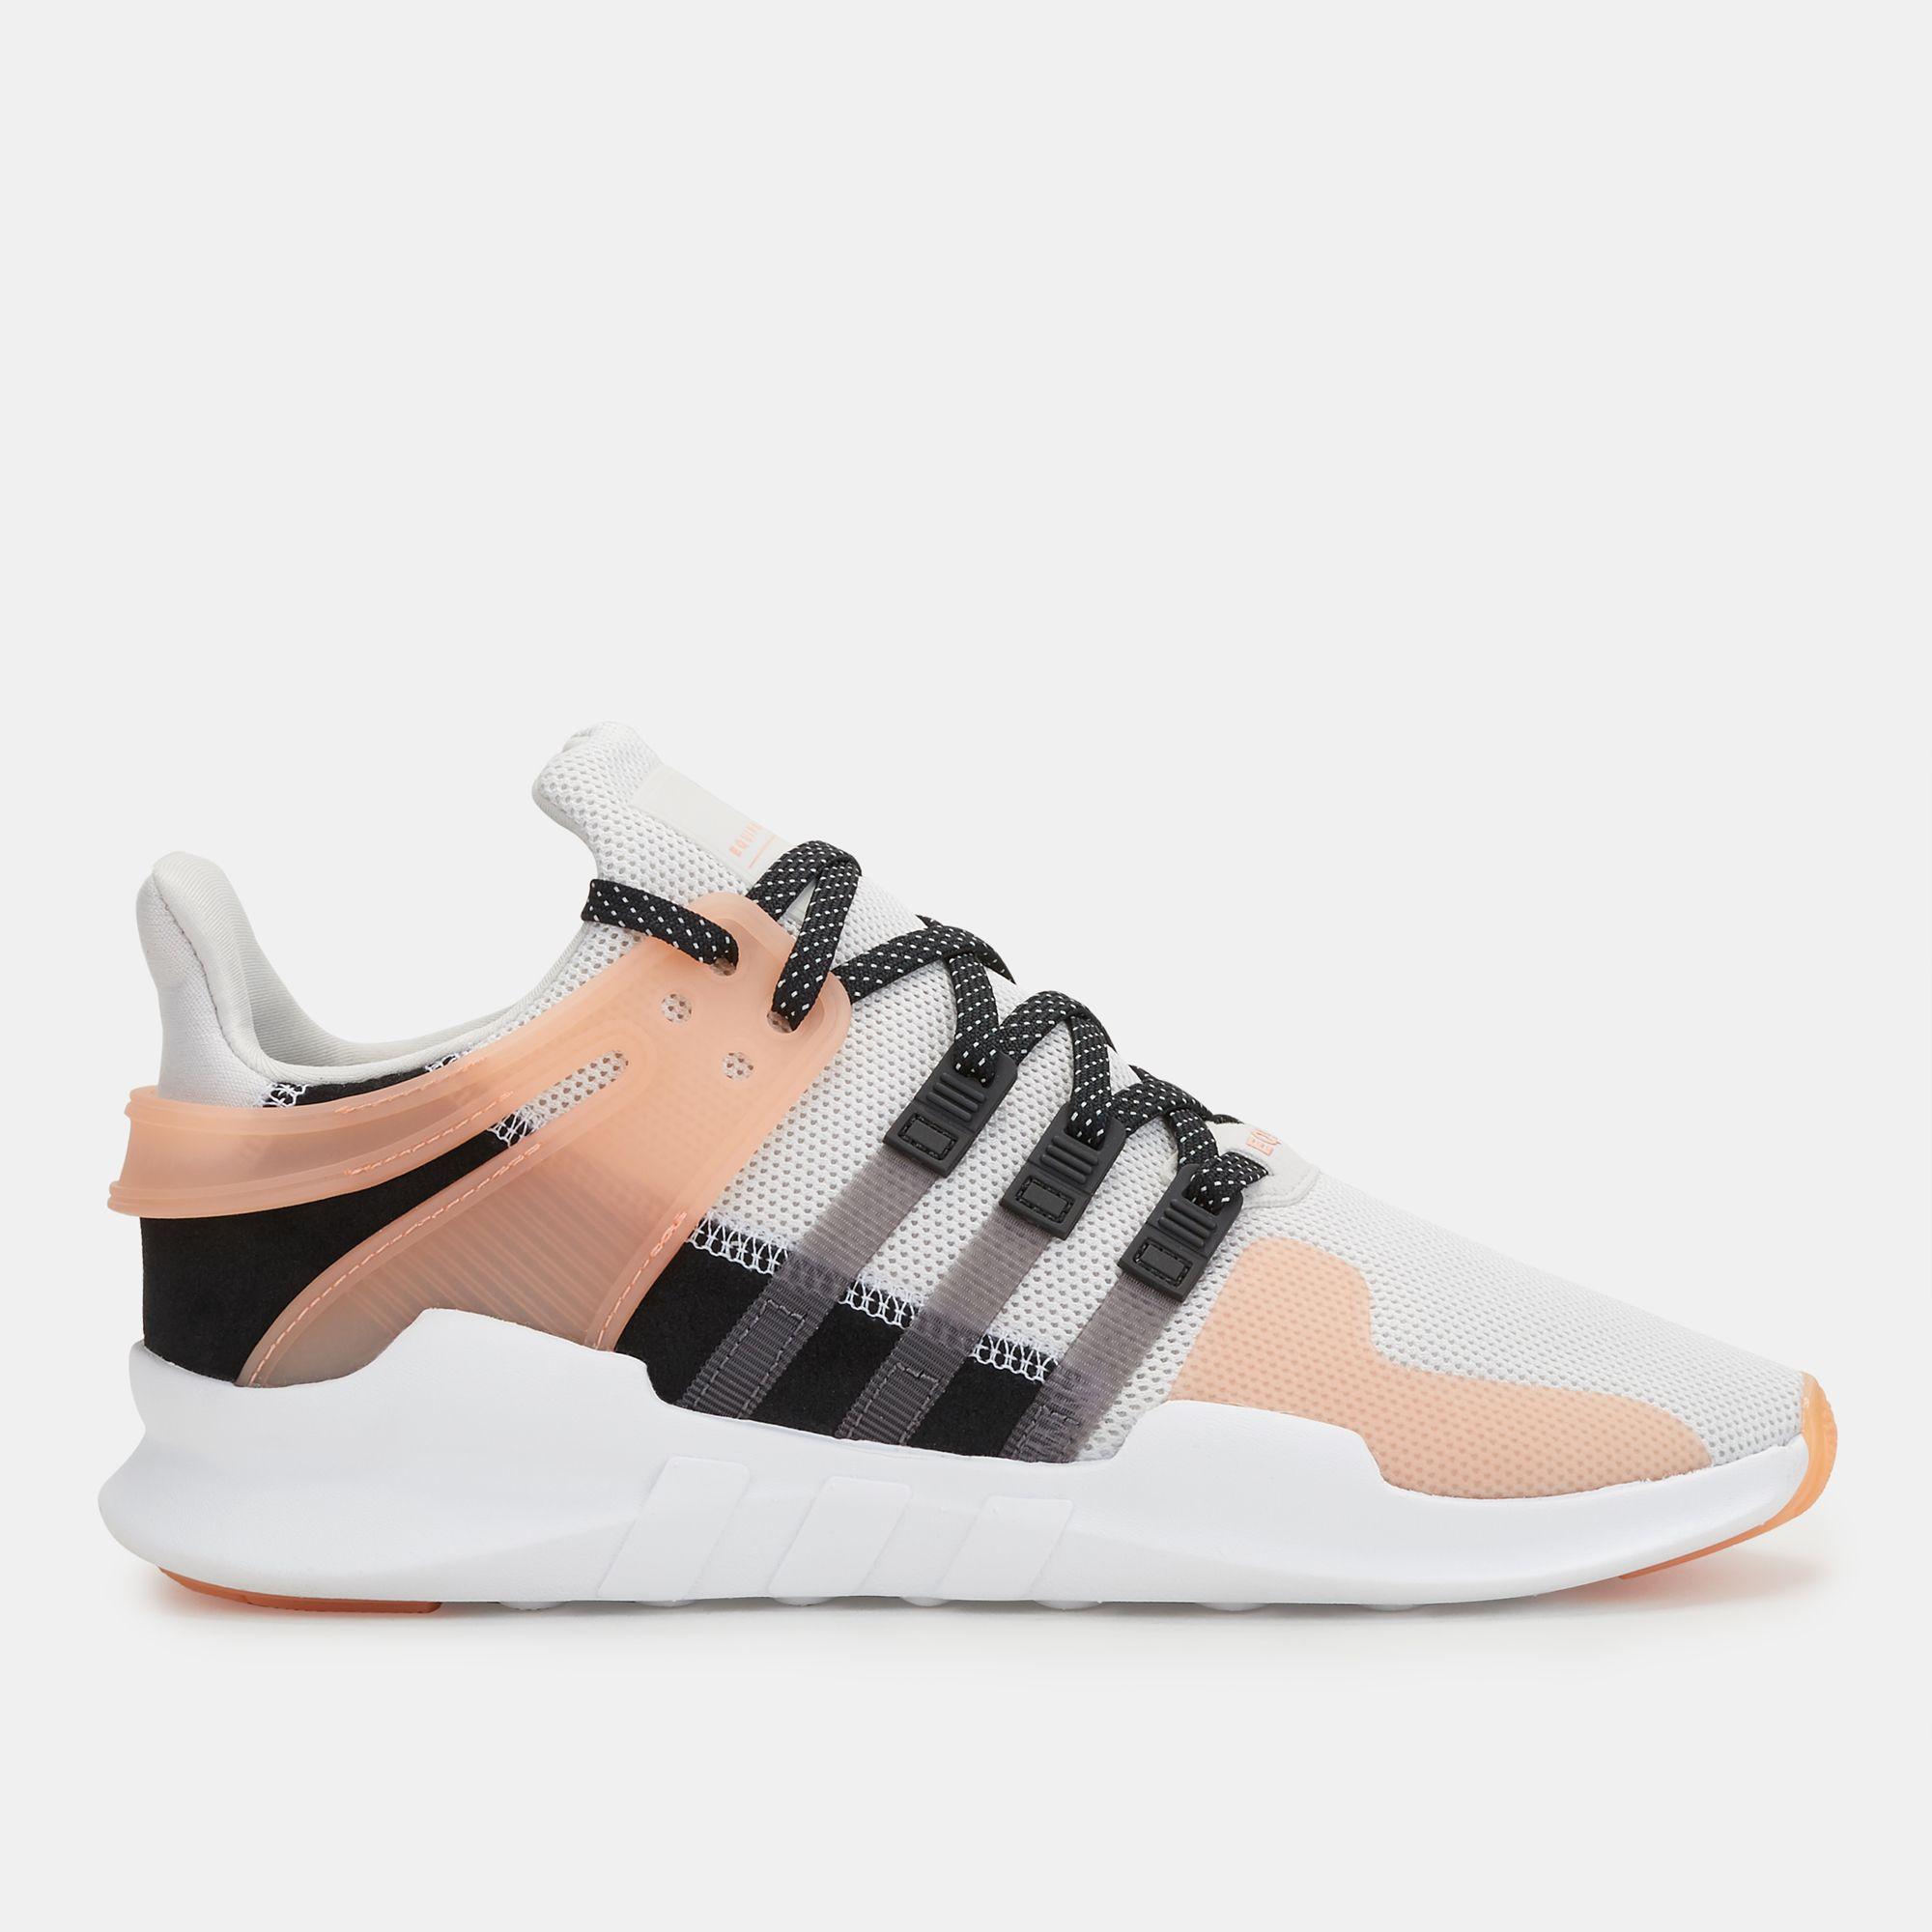 negozio grey adidas originali eqt appoggio avanzata scarpa per donne dall'adidas